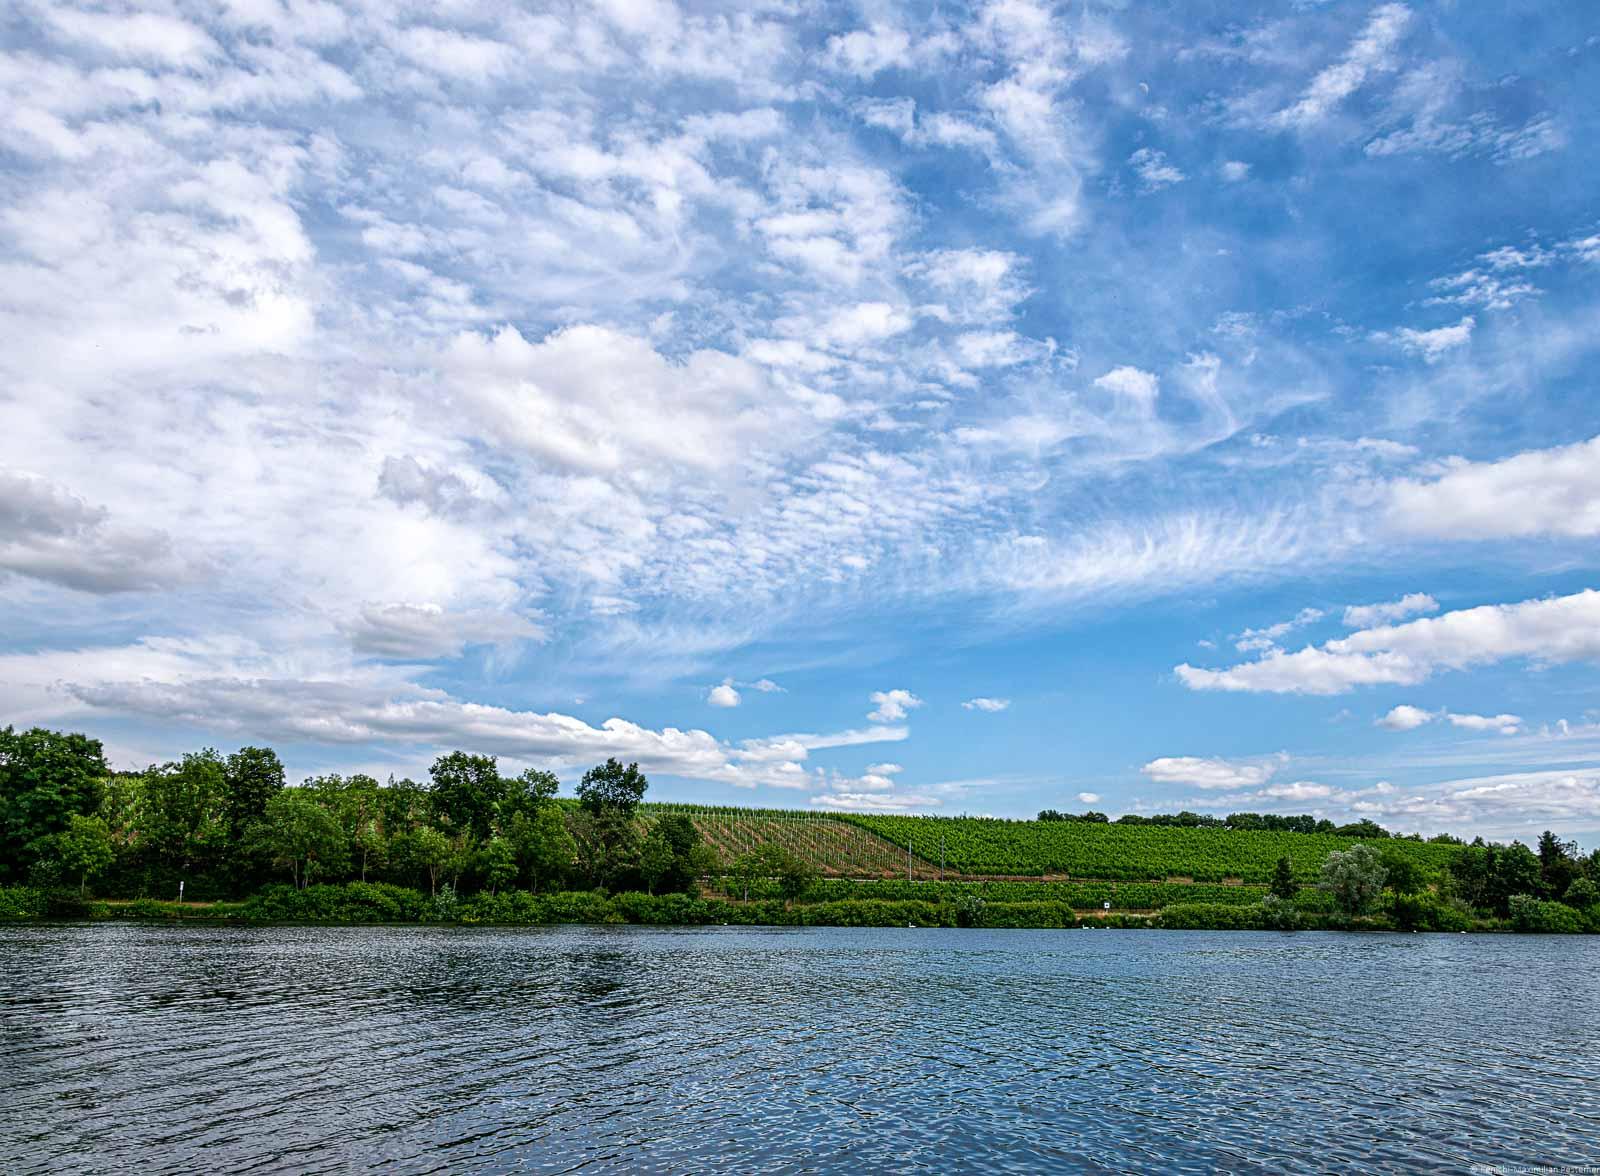 Vorne fließt der Fluss Mosel. Am anderen Ufer liegt ein Weinberg. Der Himmel ist bewölkt.